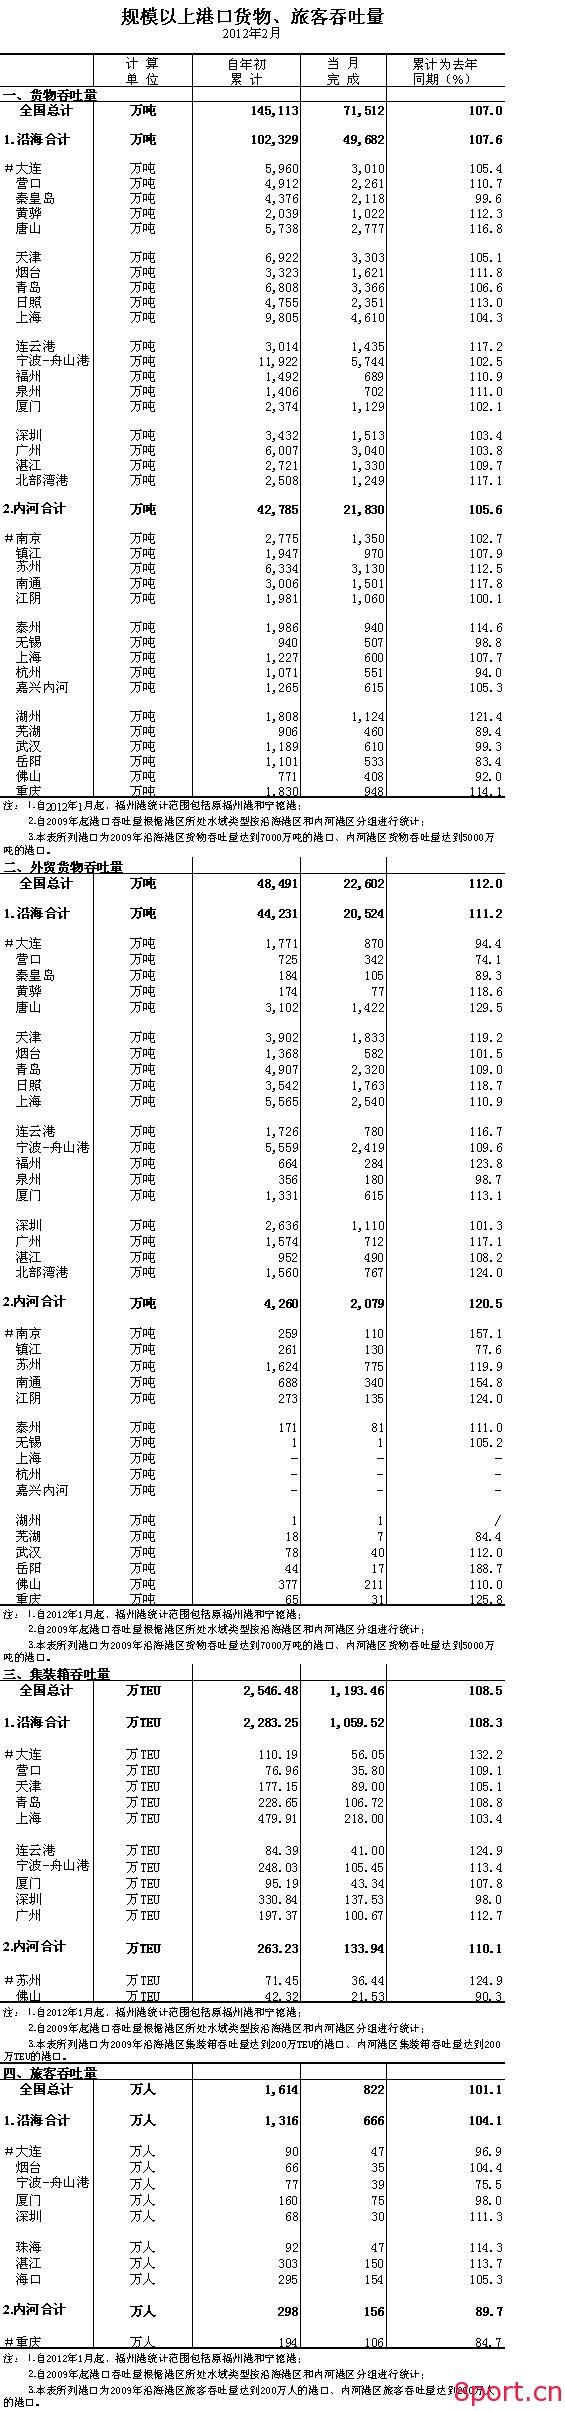 2012年2月规模以上港口货物、旅客吞吐量-港口技术安全网